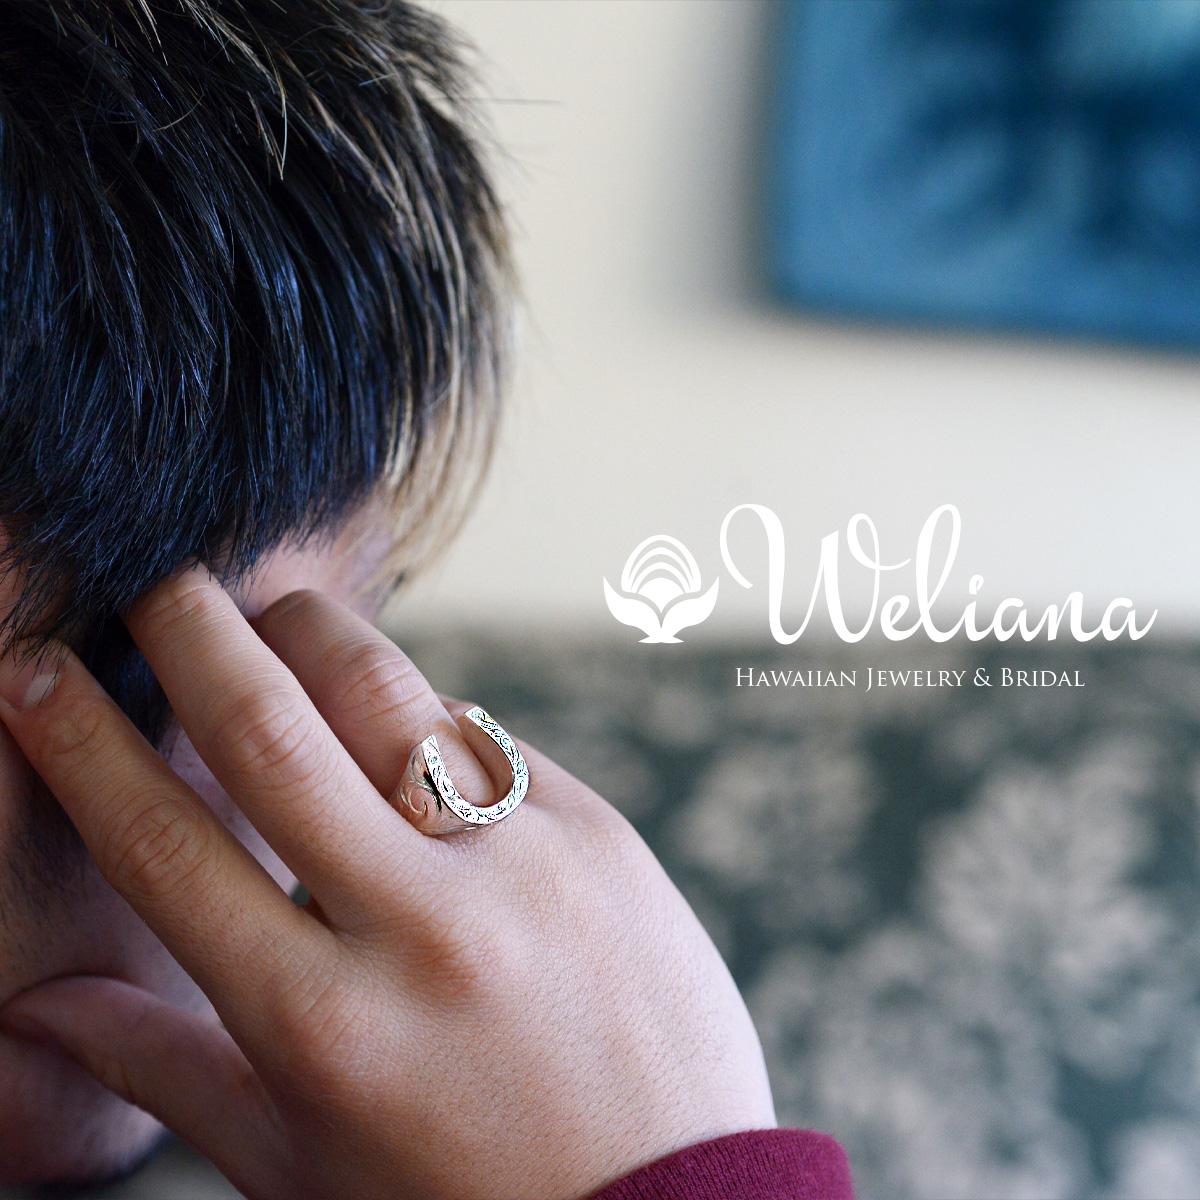 ハワイアンジュエリー レディース 女性 メンズ 男性(Weliana) グラマラス ホースシュー 馬蹄 シルバーリング SILVER925 wri1372